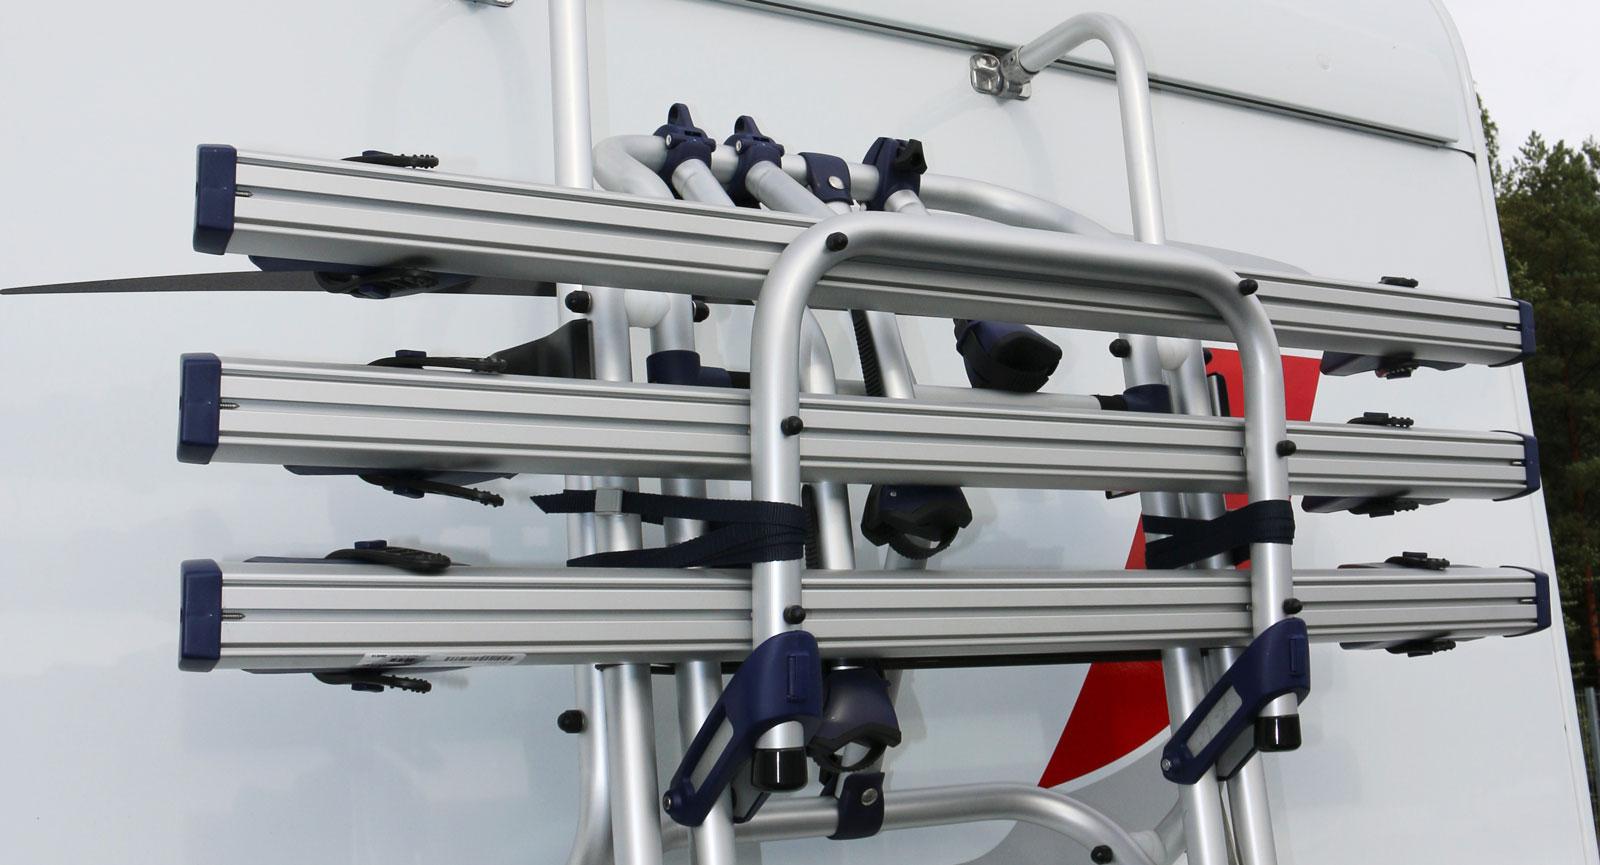 Cykelhållare för tre trampcyklar. Ett välkomnat tillval för den aktiva barnfamiljen.